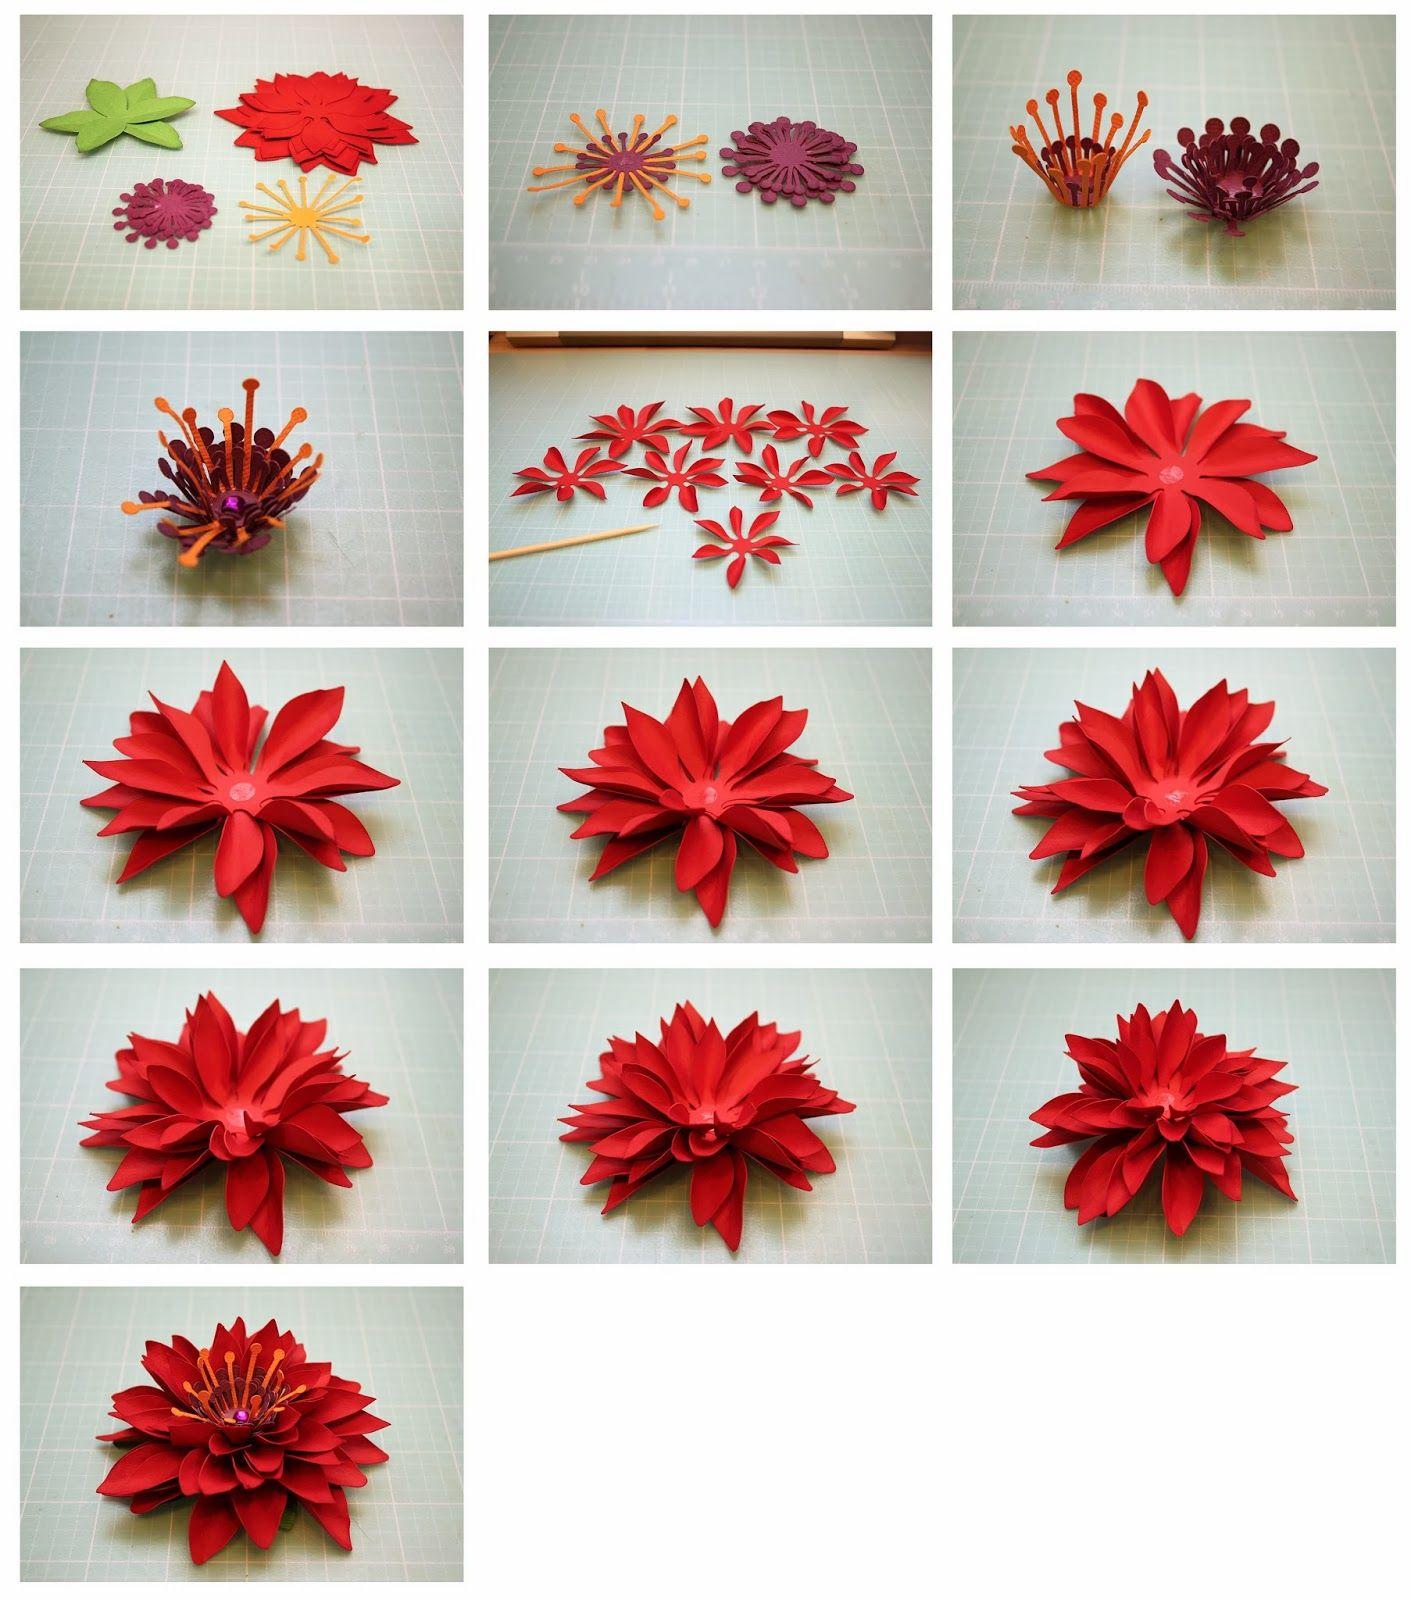 O huyn lehuyen11 on pinterest mum 3d paper flowers mightylinksfo